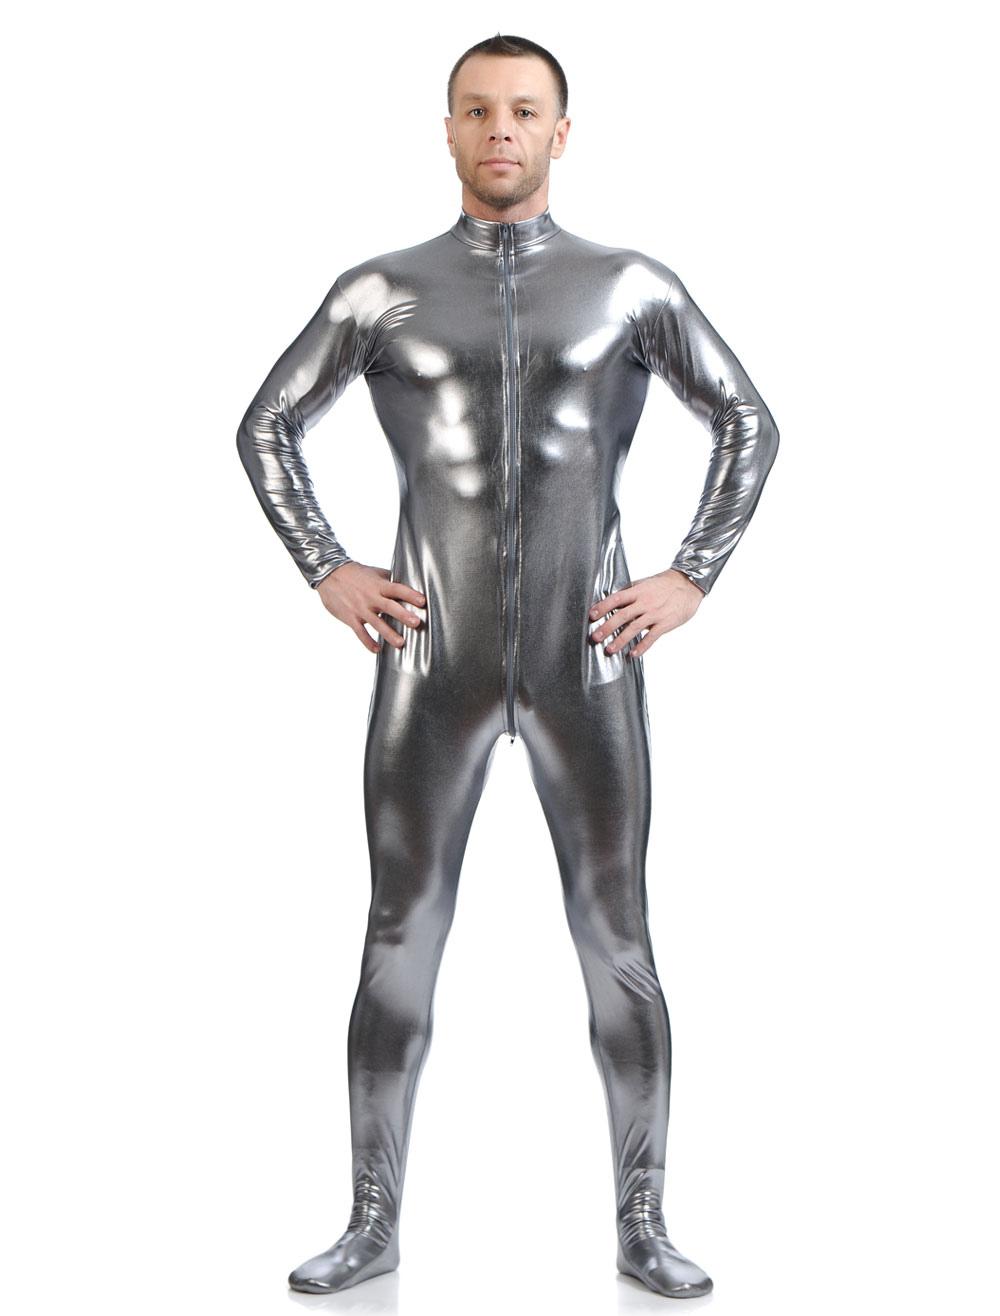 Buy Gray Shiny Metallic Cosplay Zentai Suit for Men Halloween Costume Cosplay Halloween for $26.09 in Milanoo store